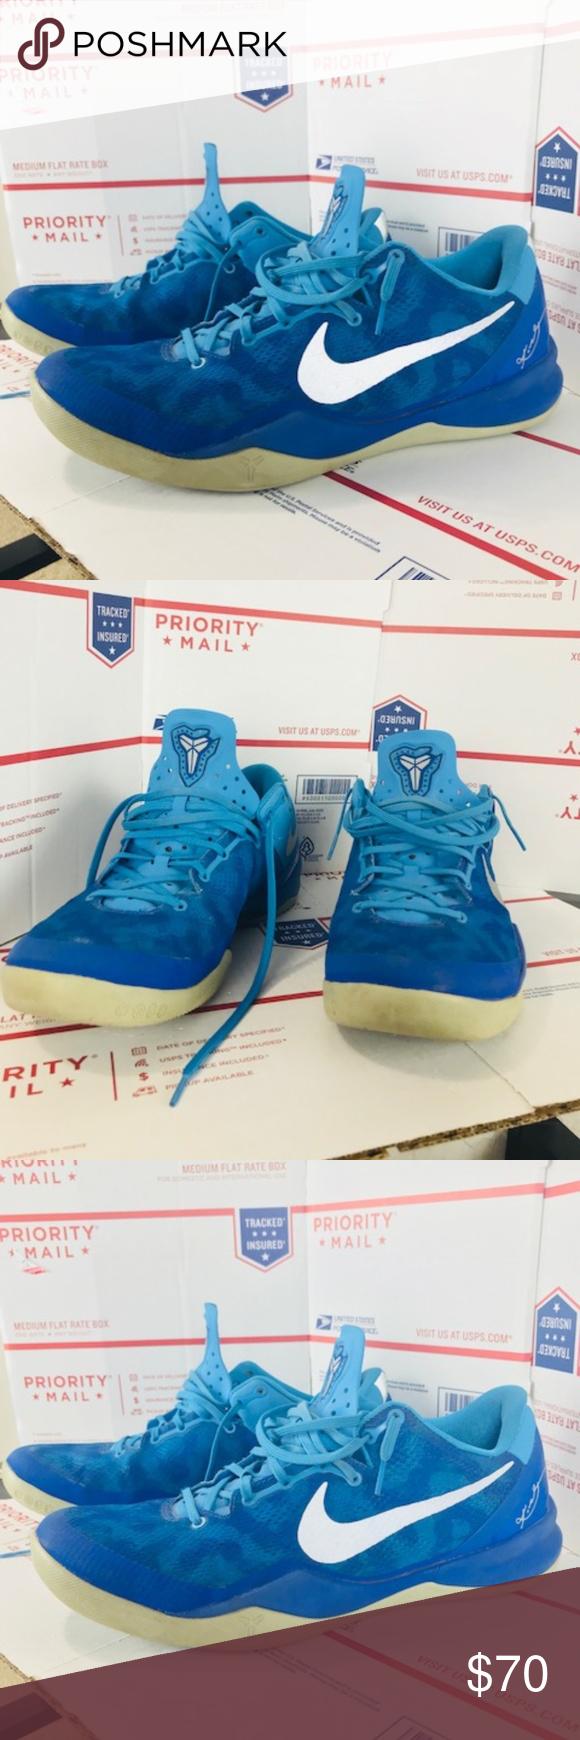 promo code 74edf 5e727 Mens Nike Kobe 8 System Blue 555035-400 Size 12 Pre Owned Mens Nike Kobe 8  System Blue Glow Strate Grey 555035-400 Size 12 Shoes Athletic Shoes